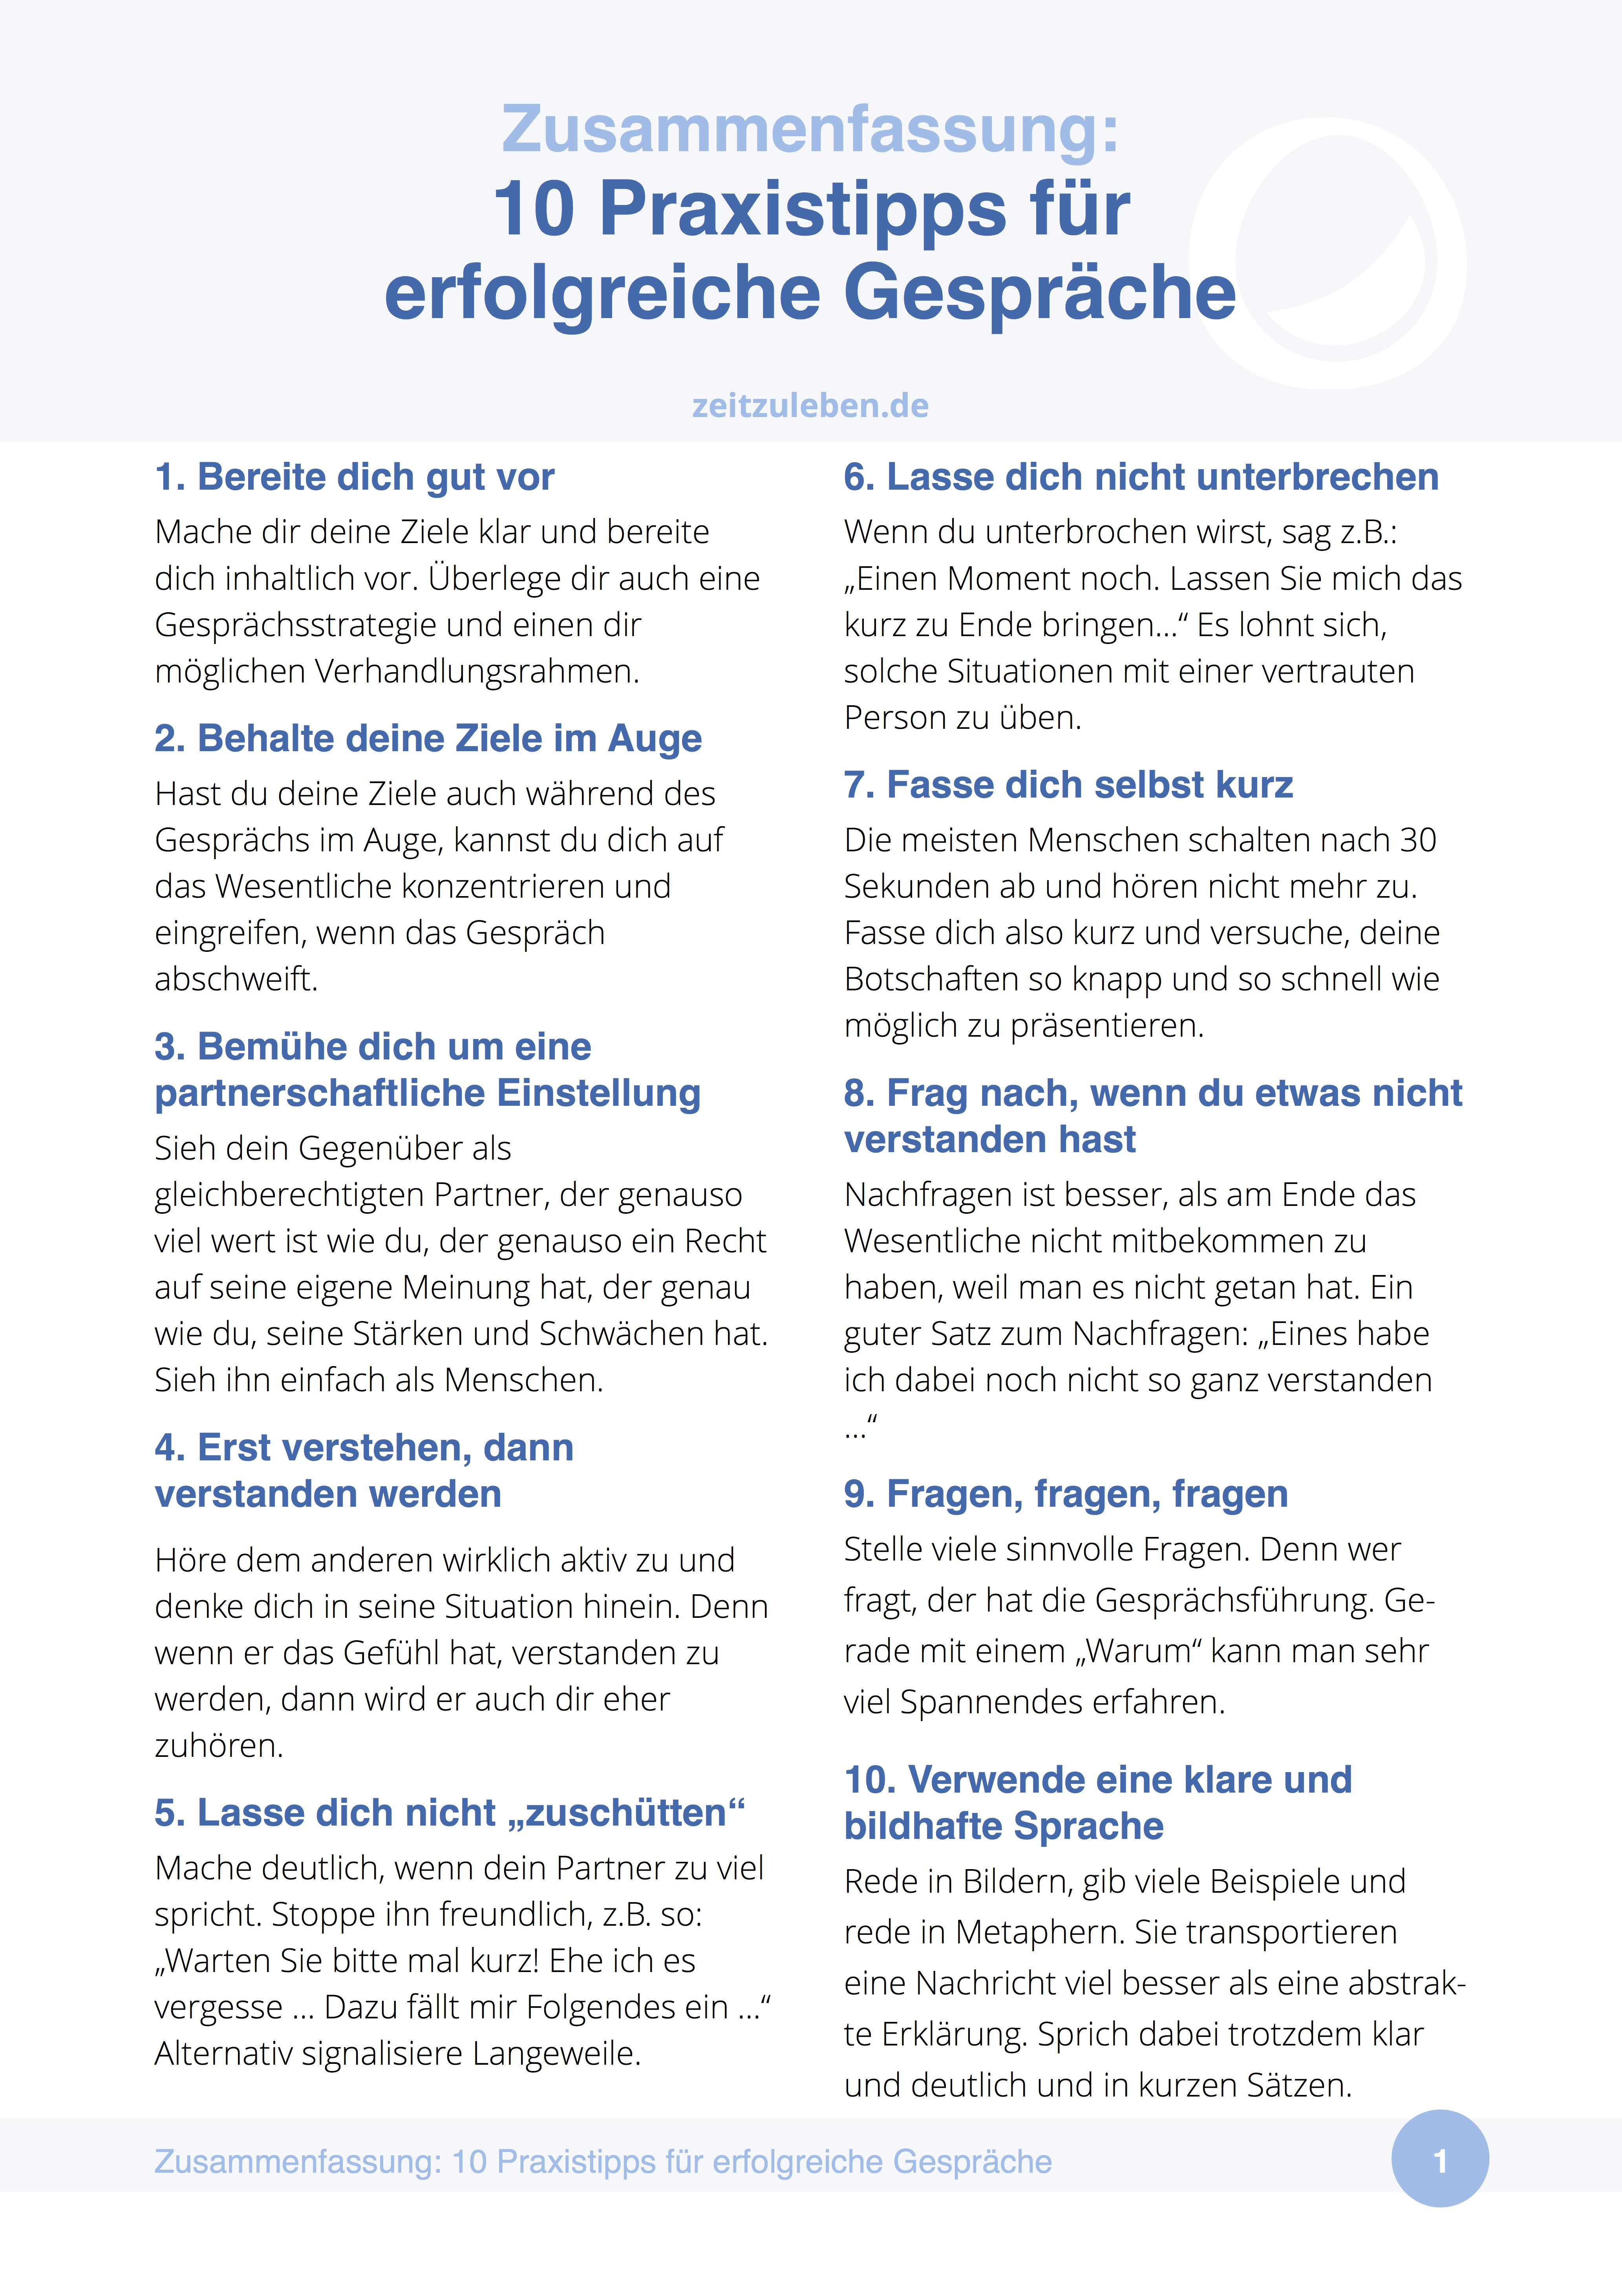 10 Praxistipps Fur Erfolgreiche Kommunikation Rhetorik Kommunikation Zusammenfassung